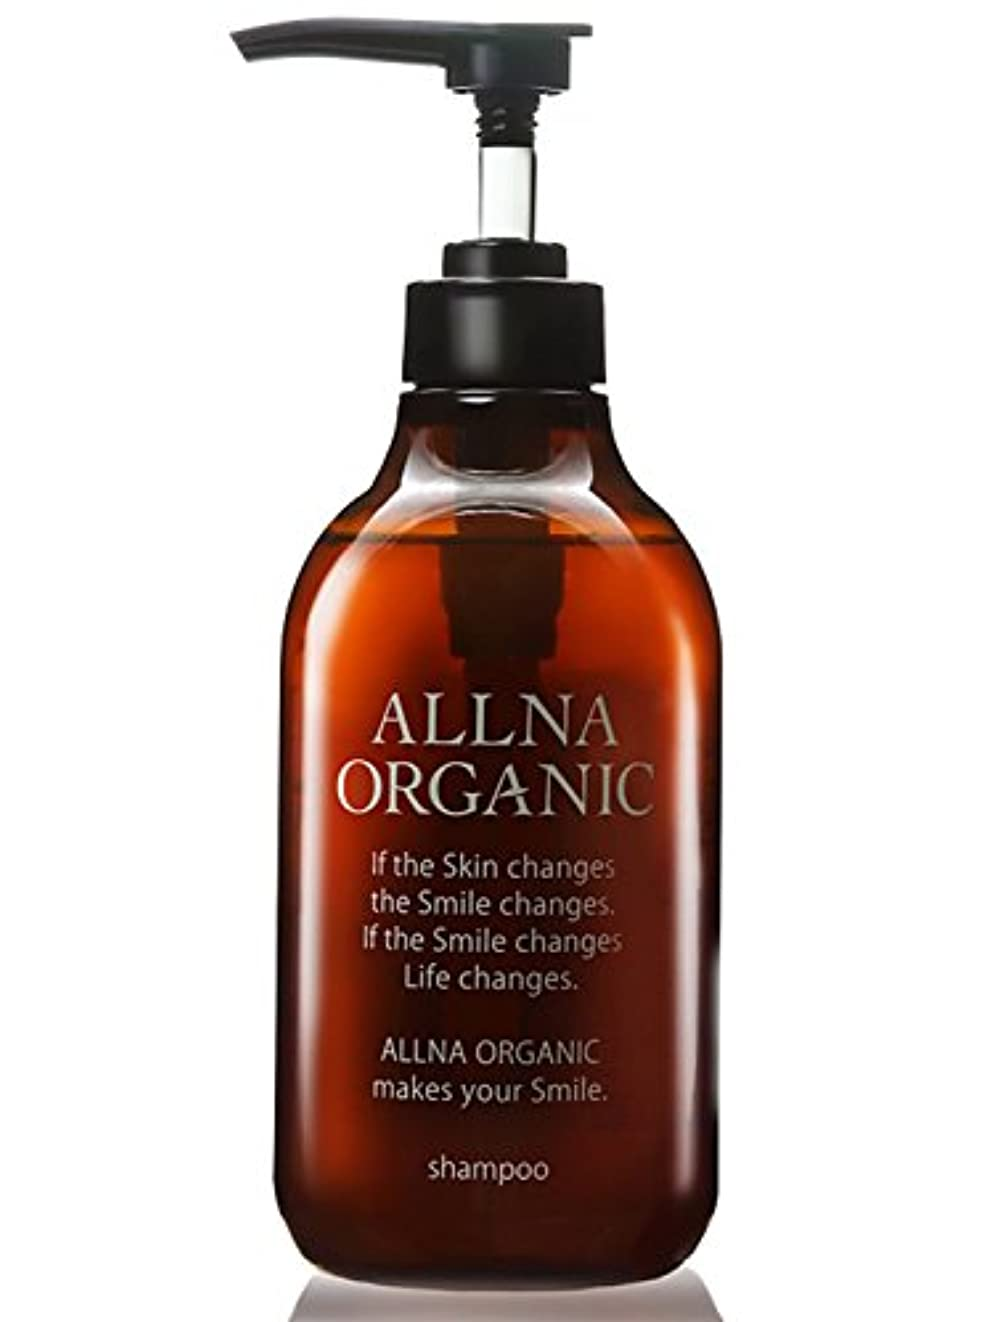 傾向があります失礼願望オルナ オーガニック シャンプー 無添加 ノンシリコン アミノ酸 無香料でボタニカルな香り「コラーゲン ヒアルロン酸 ビタミンC誘導体 セラミド 配合」500ml (シャンプー ポンプ) (スムース)